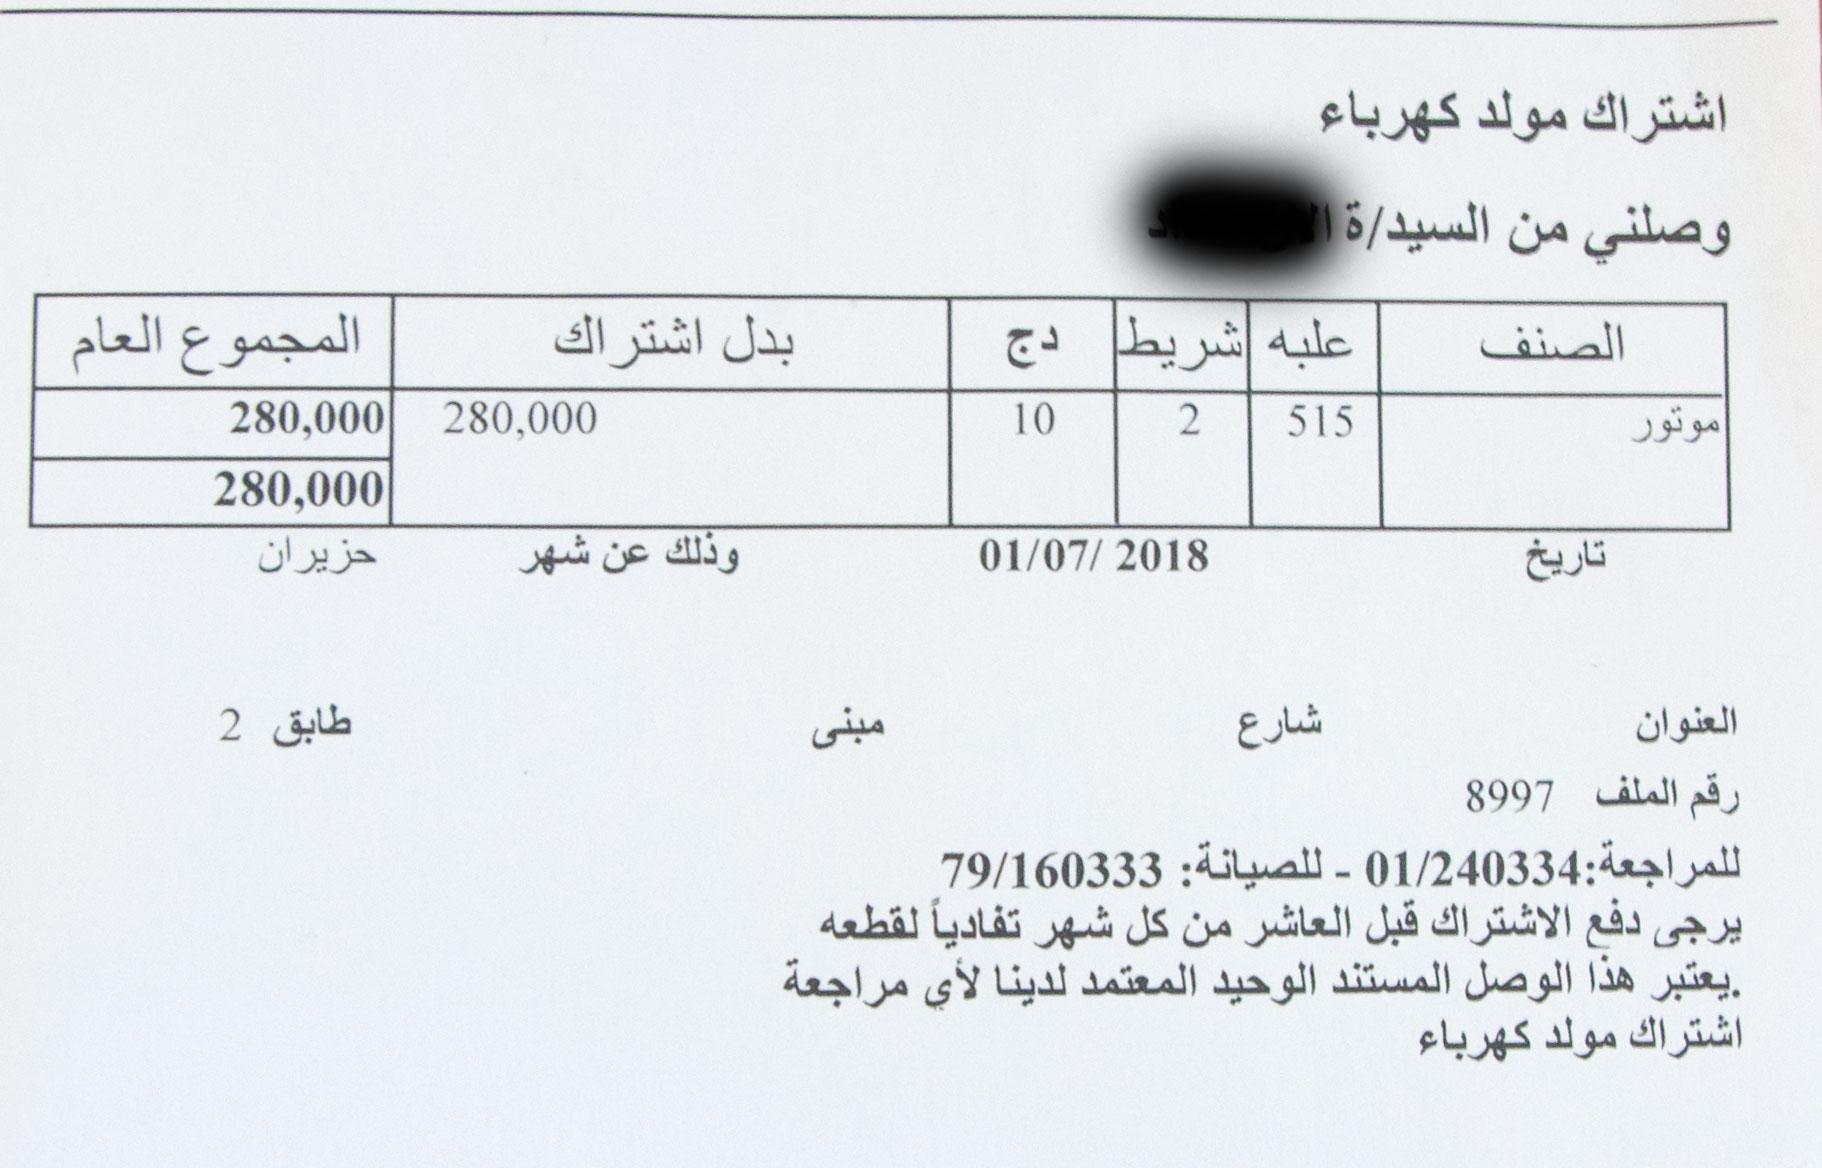 Generator Electricity Bill for Safra, Lebanon